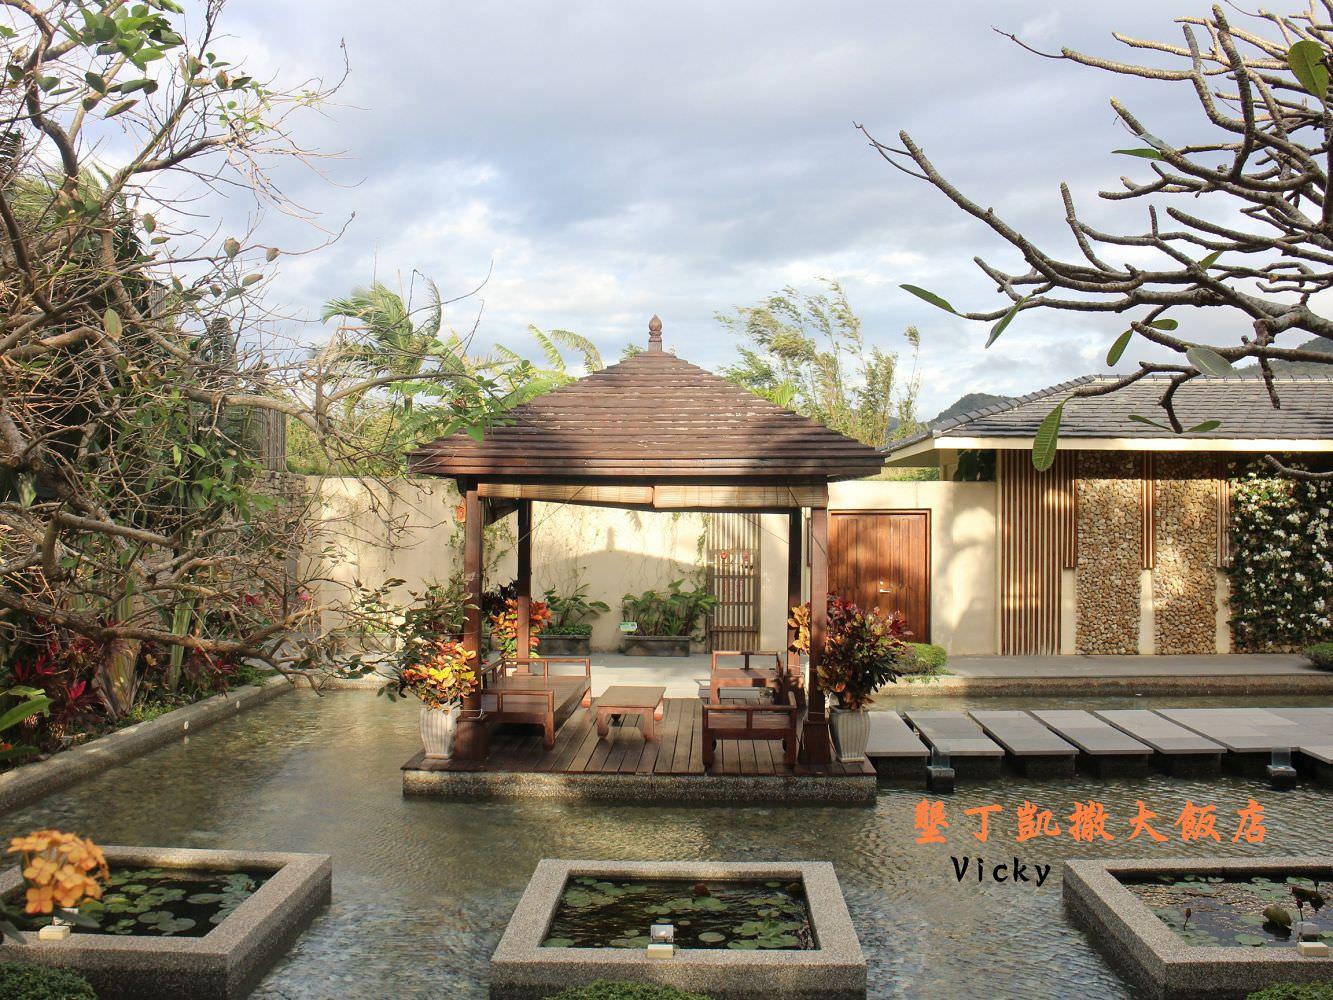 墾丁親子飯店︱凱撒大飯店:南洋風情、椰林泳池、攀岩教室、大遊戲室、椰林小徑、離沙灘近,根本就是度假天堂